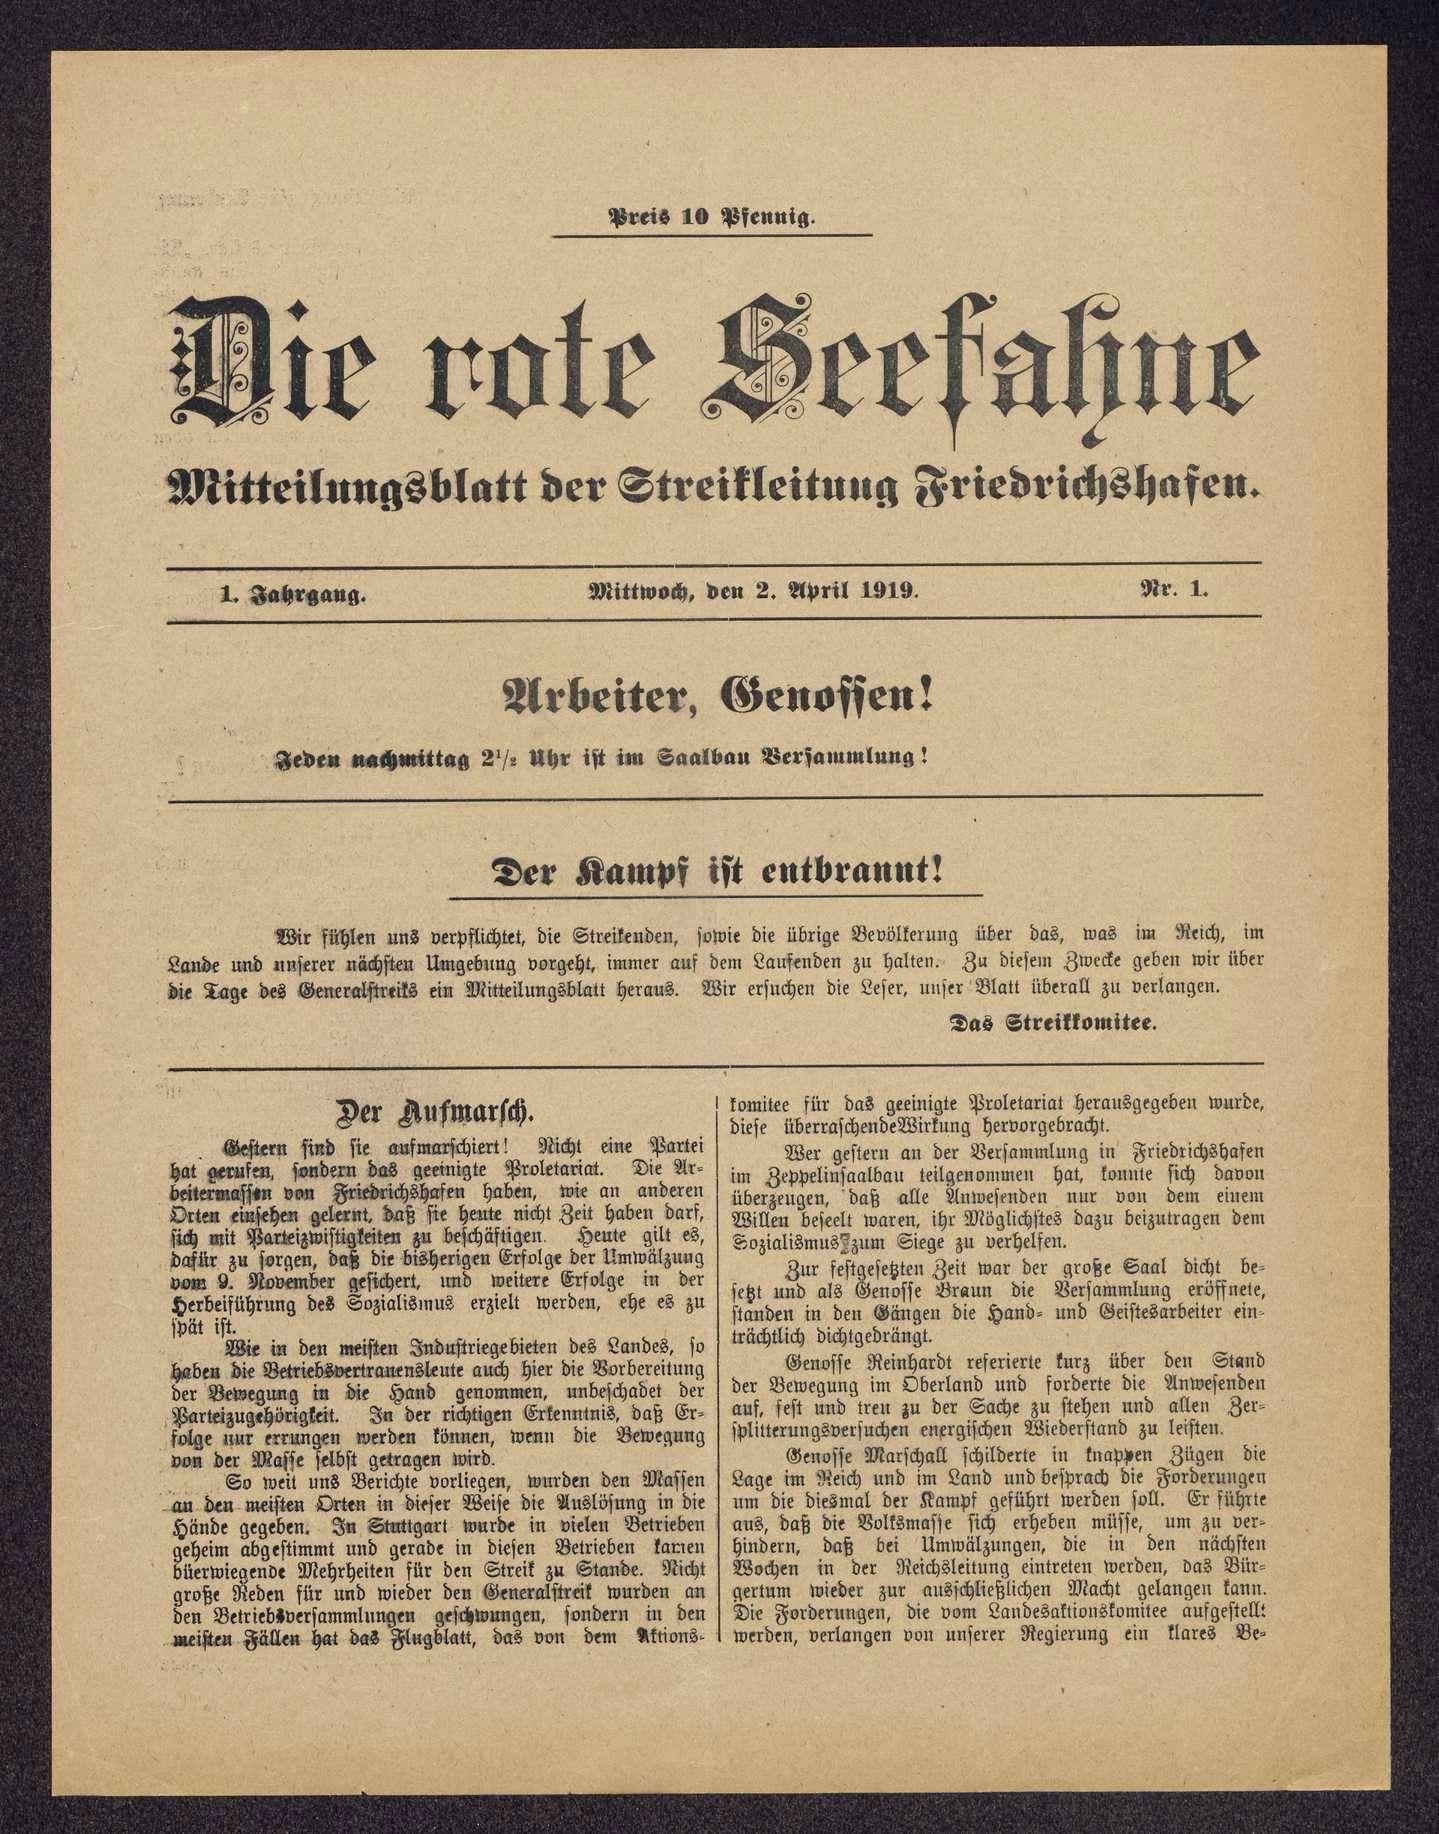 Die rote Seefahne. Mitteilungsblatt der Streikleitung Friedrichshafen, Bild 1